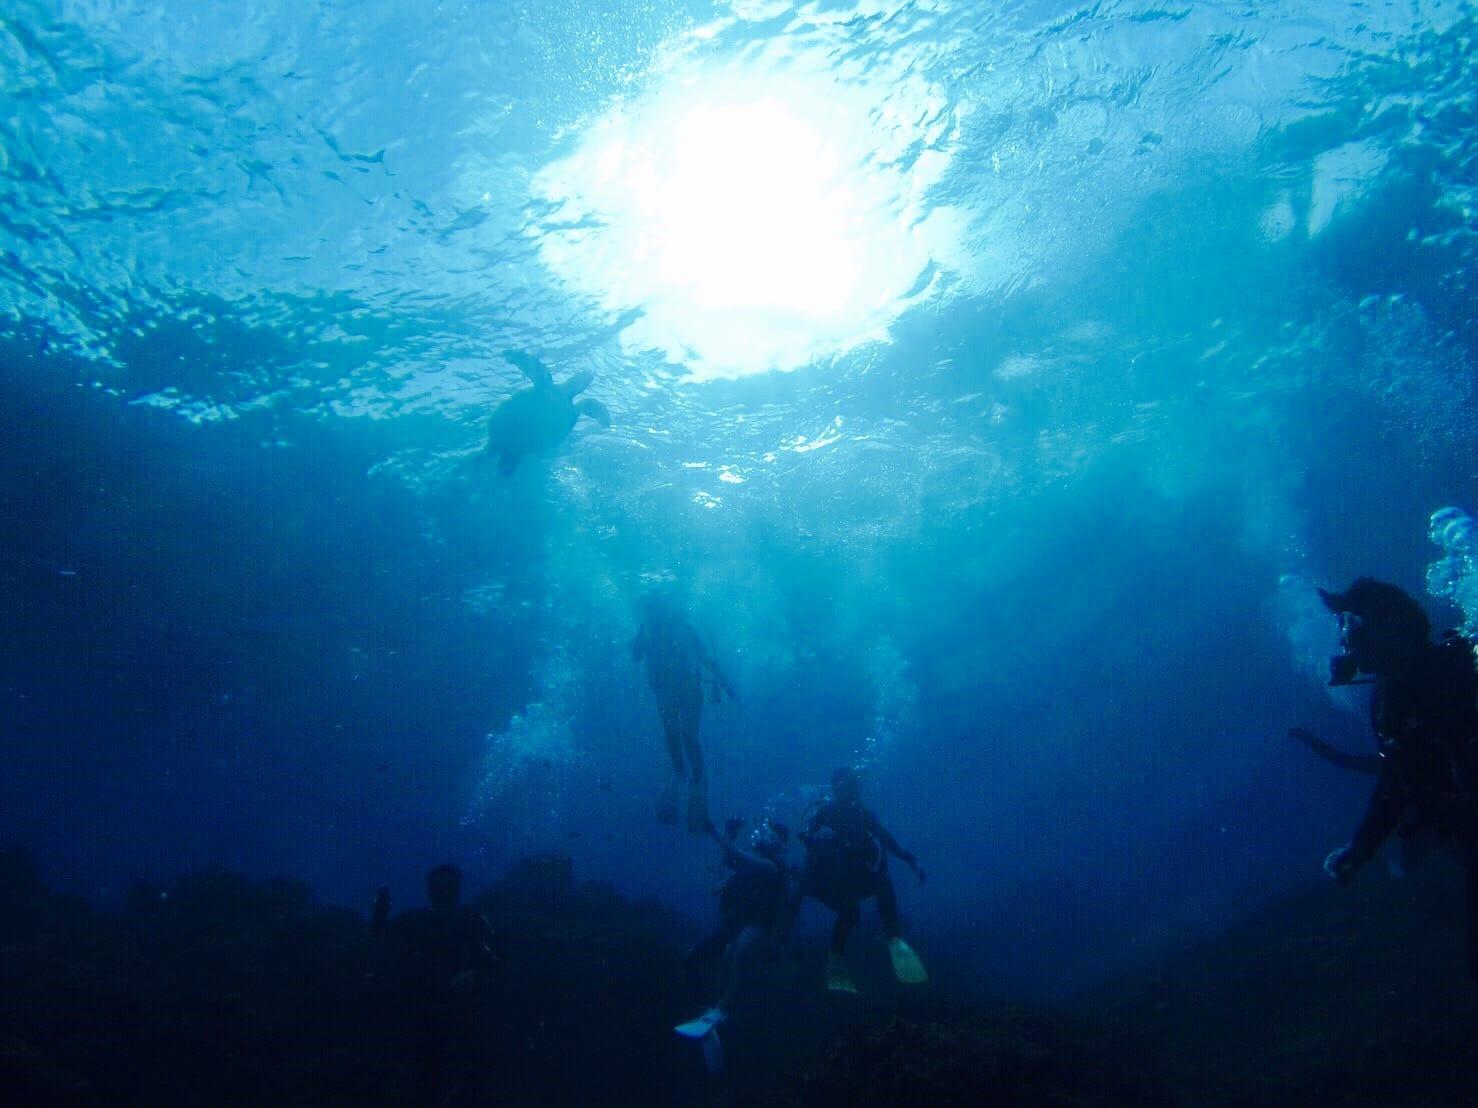 羽田から飛行機で45分で行くことができる、八丈島では、ウミガメに出会うことができる。